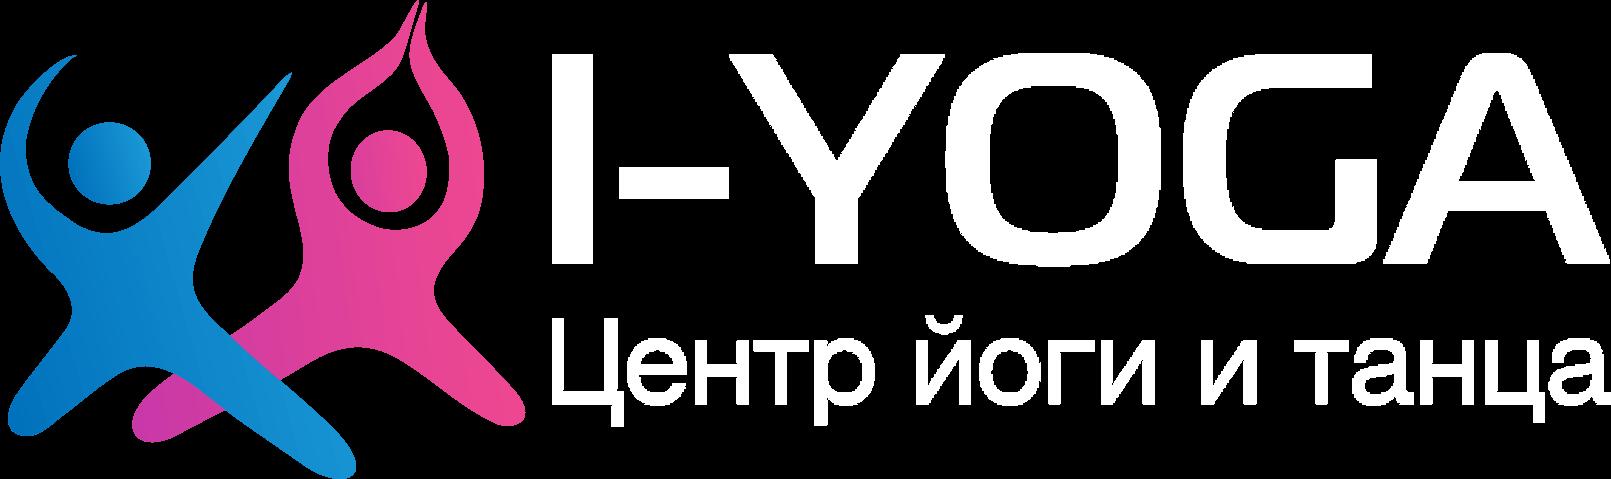 Йога и танцы в центре Москвы